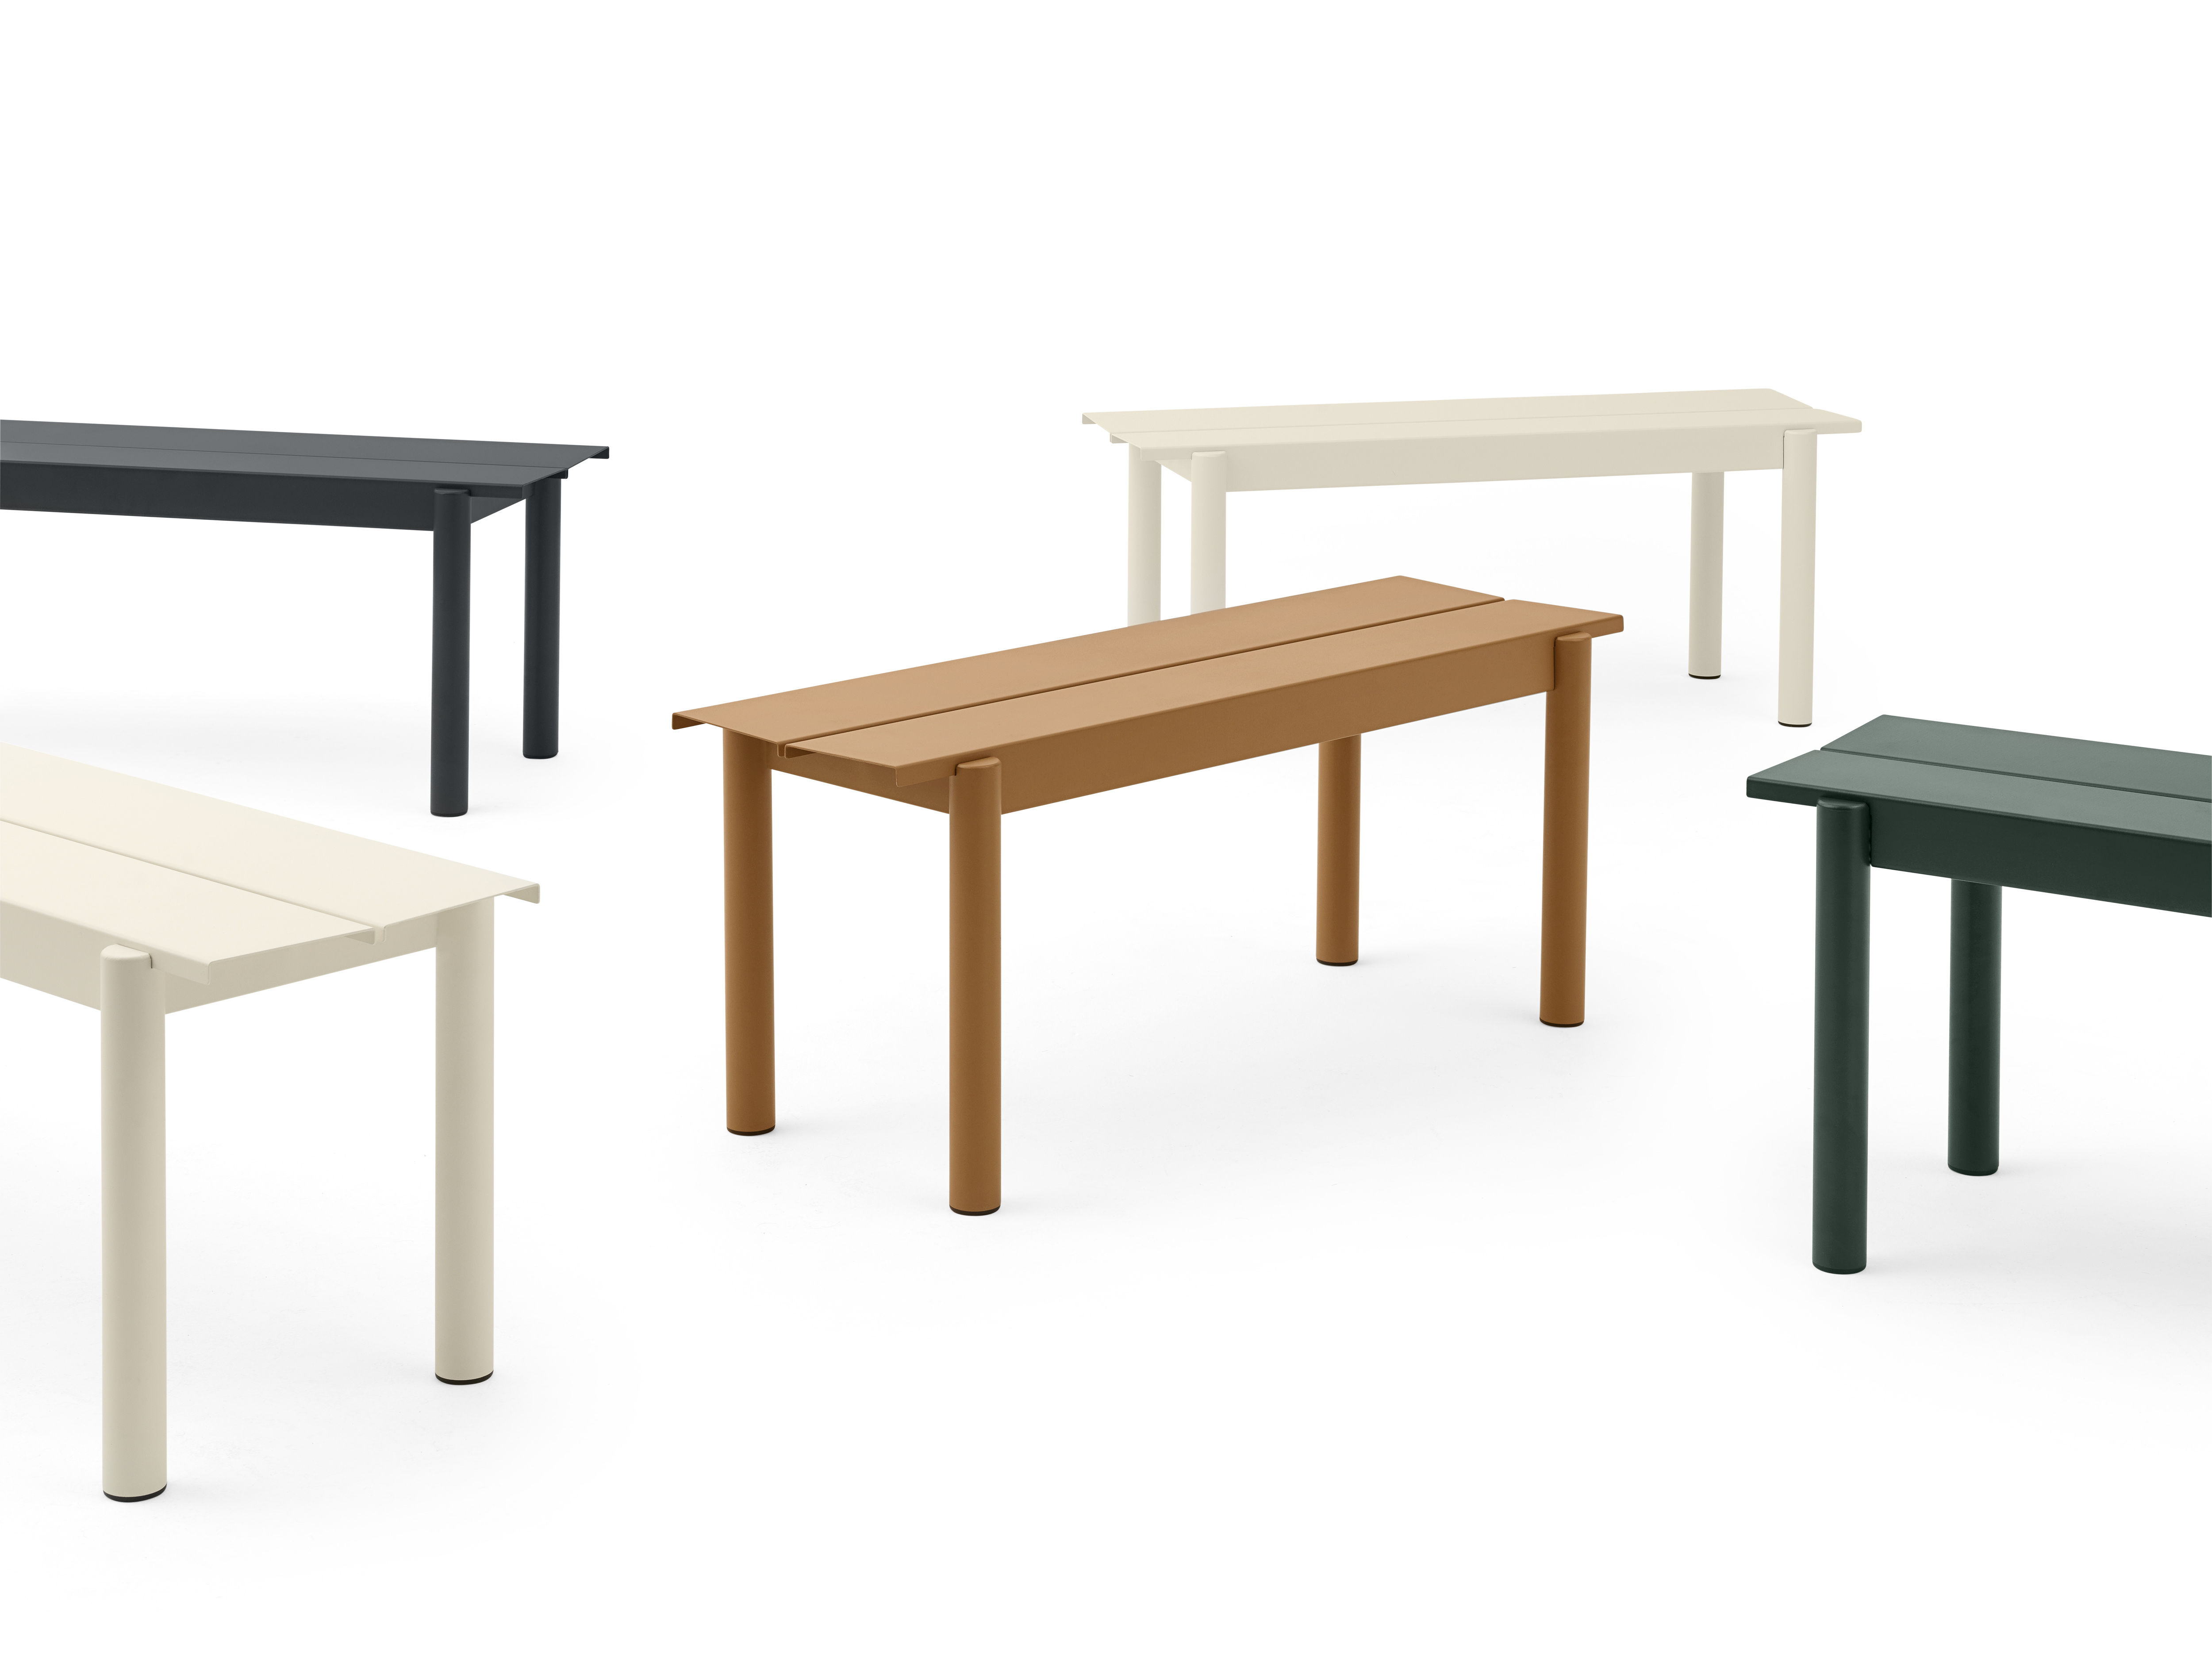 Panchina linear di muuto nero made in design for Arredamento made in china